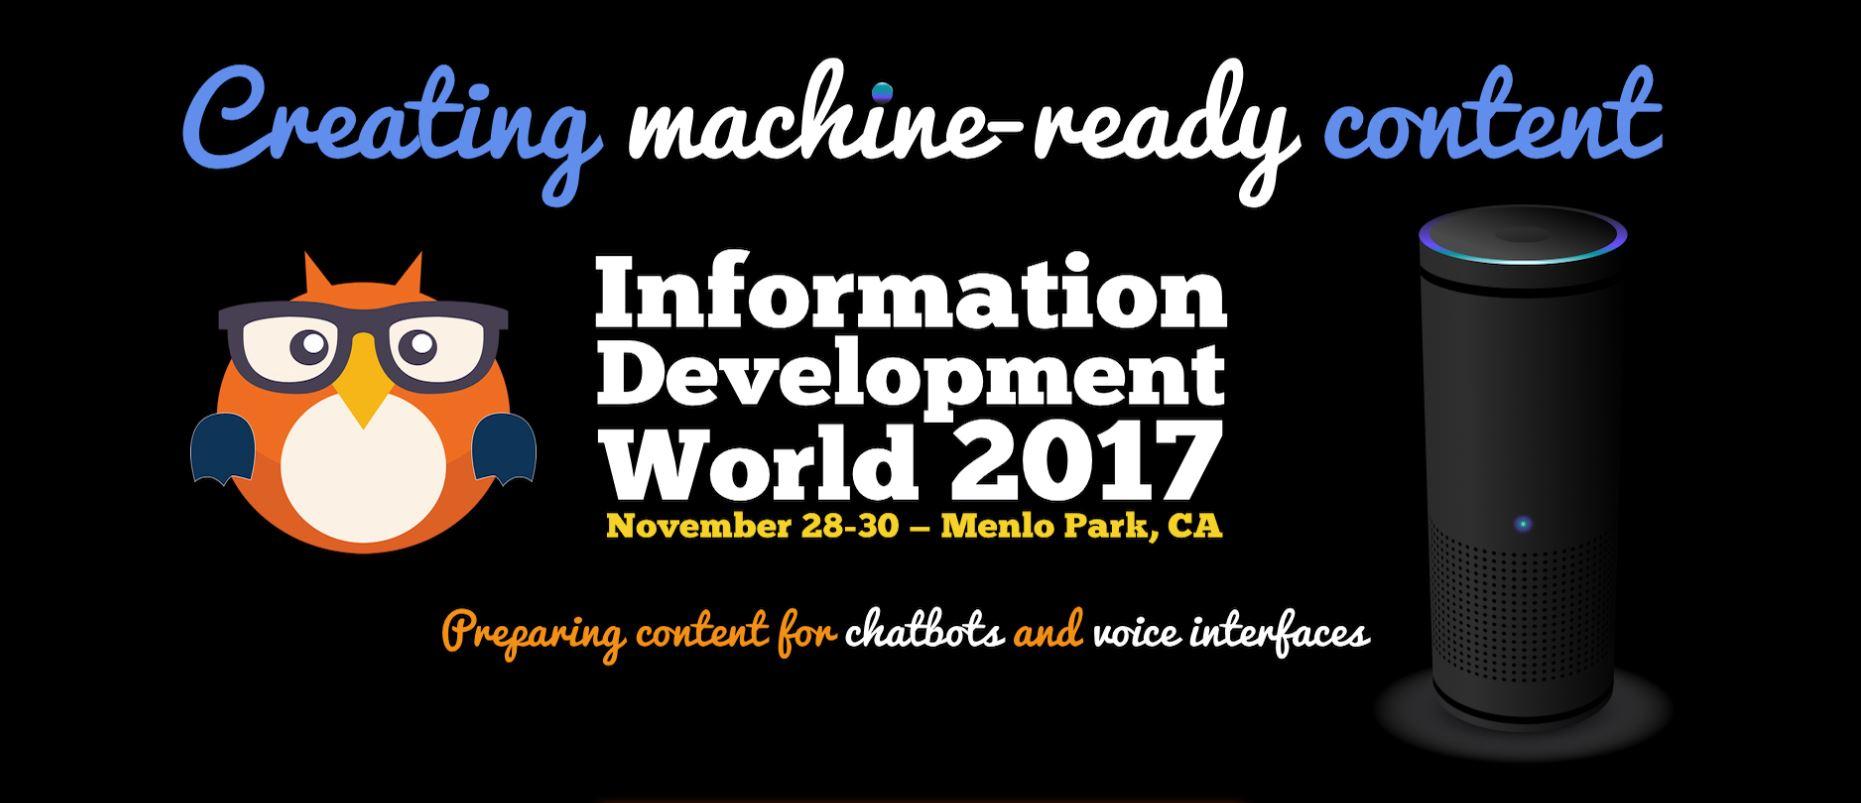 Information Development World